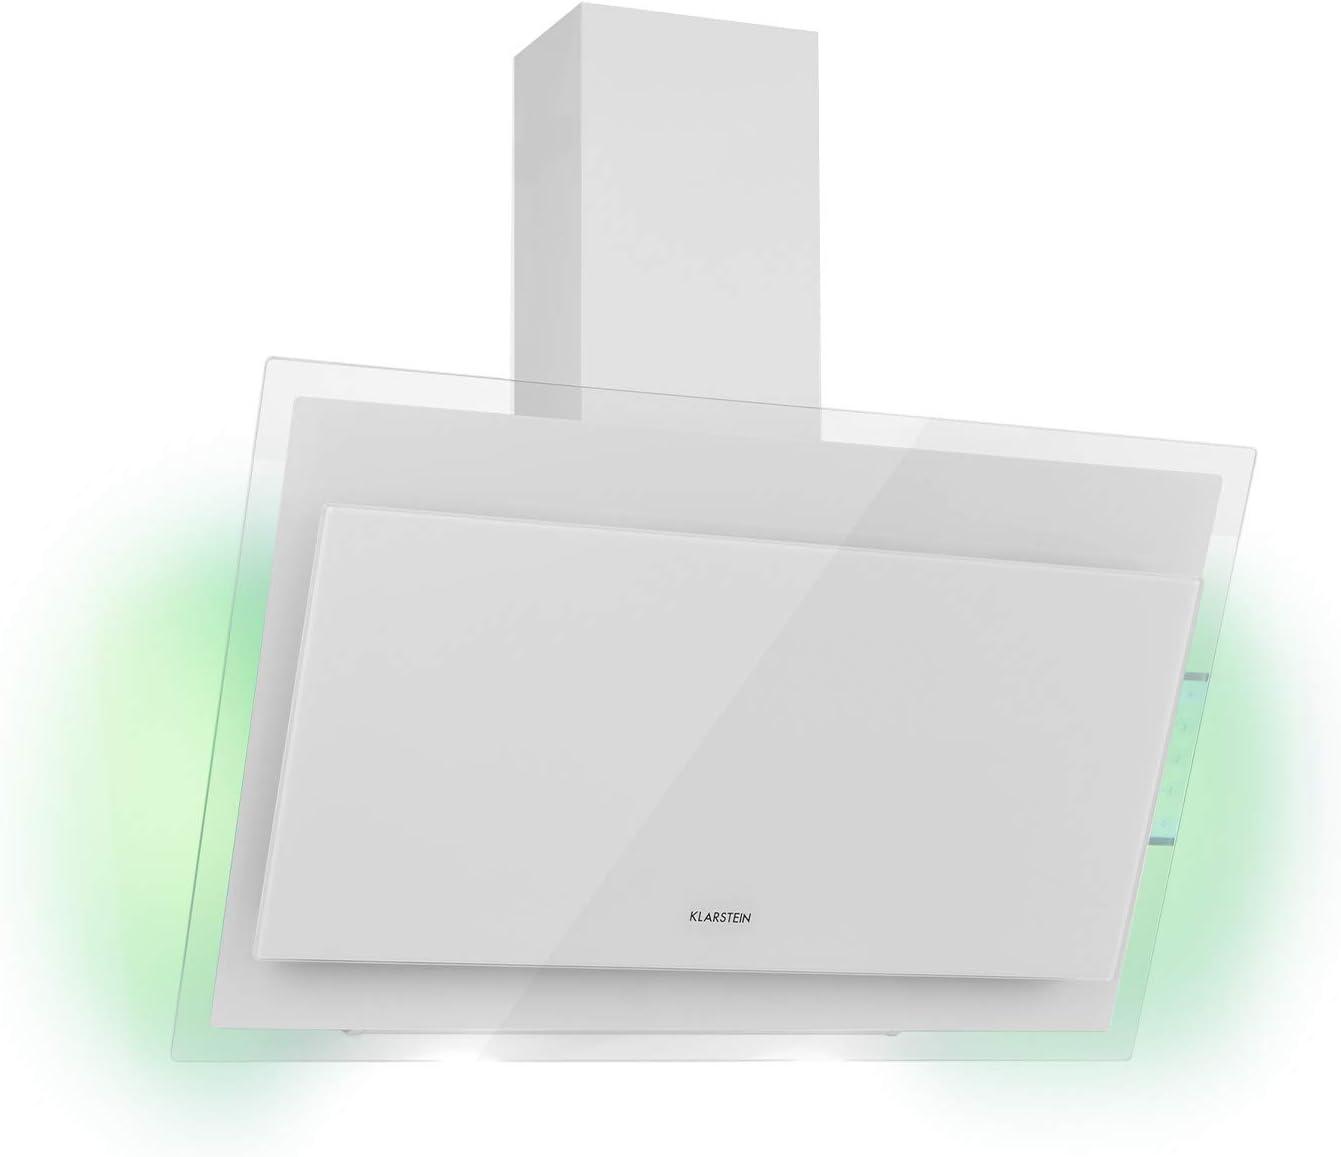 KlarsteinMirage - Campana extractora, Vidrio de seguridad, 3 niveles depotencia, Extracción de salida 550 m³/h, LED multicolor, Eco-Excelencia, Juego de montaje completo, 90 x 50 x 32 cm, Blanco